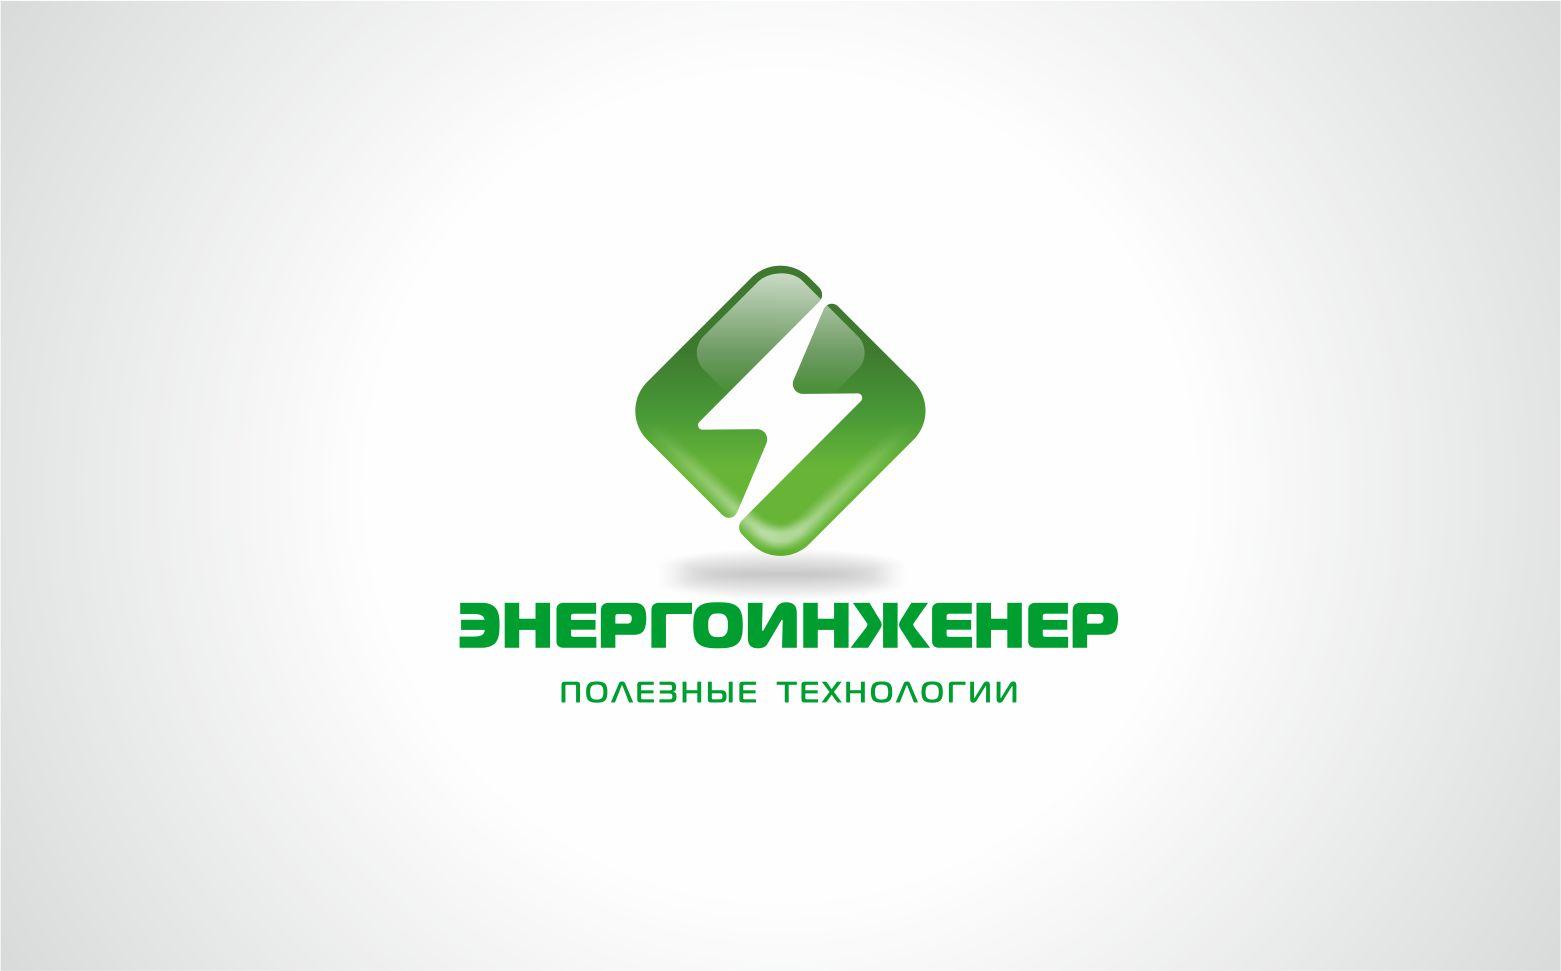 Логотип для инженерной компании фото f_38751c7e894525fb.jpg